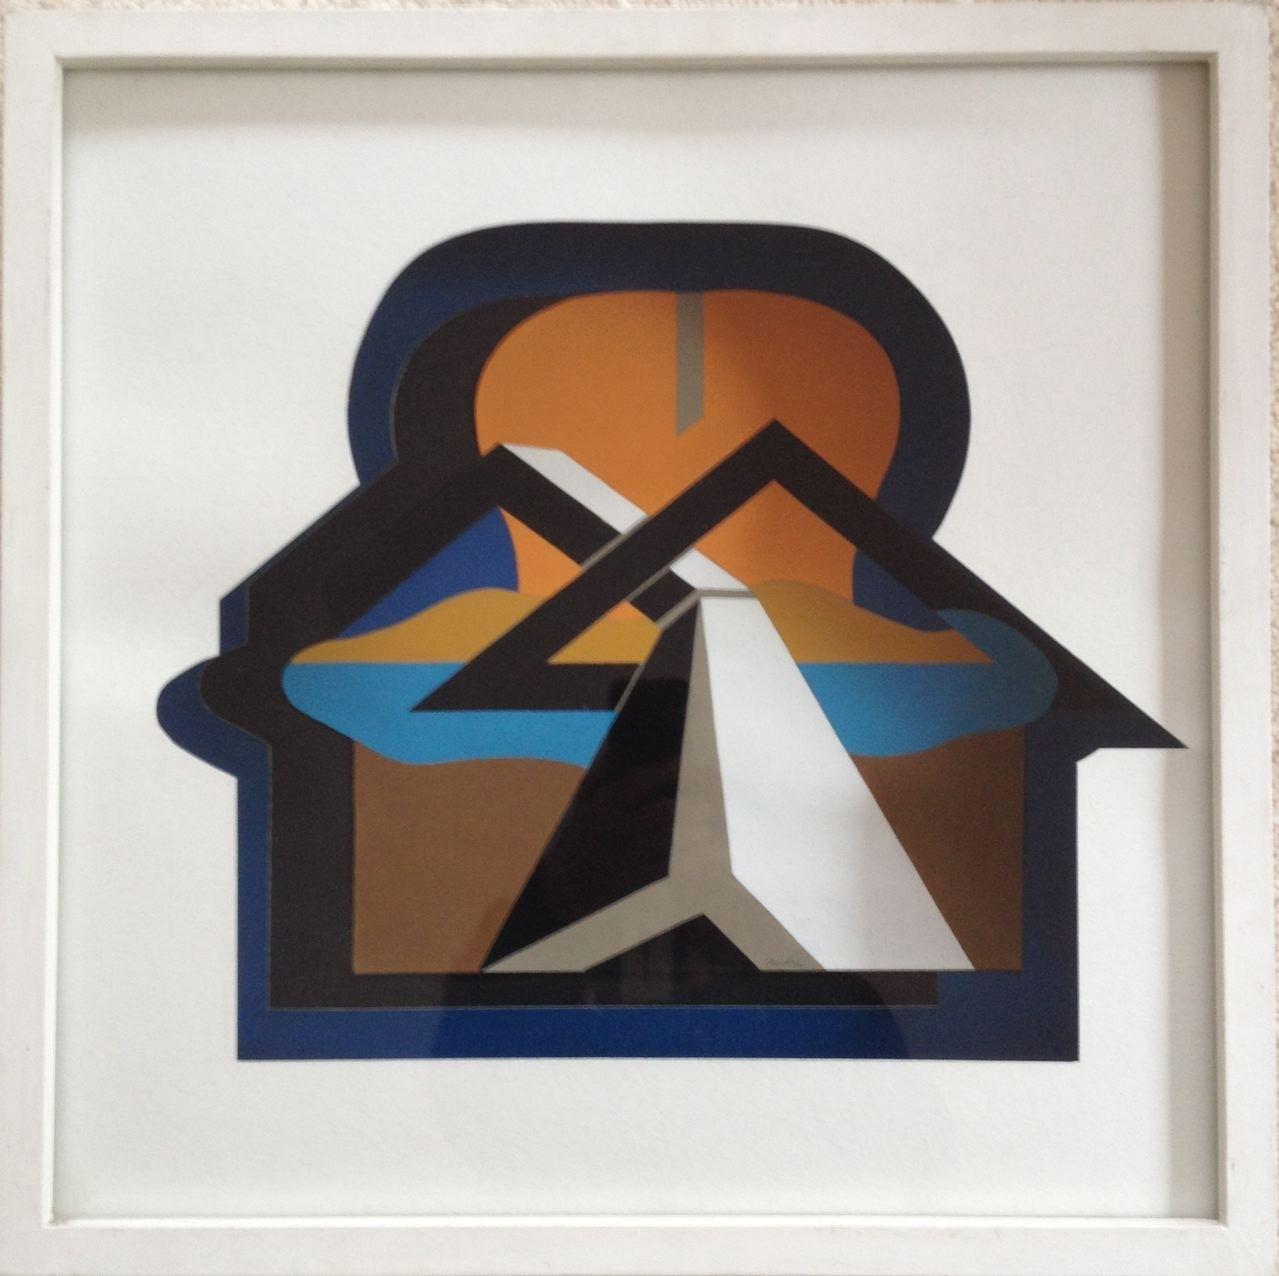 Raumschnitt, Gouache, Collage, 40 x 40 x 5 cm, 1972 (#592)